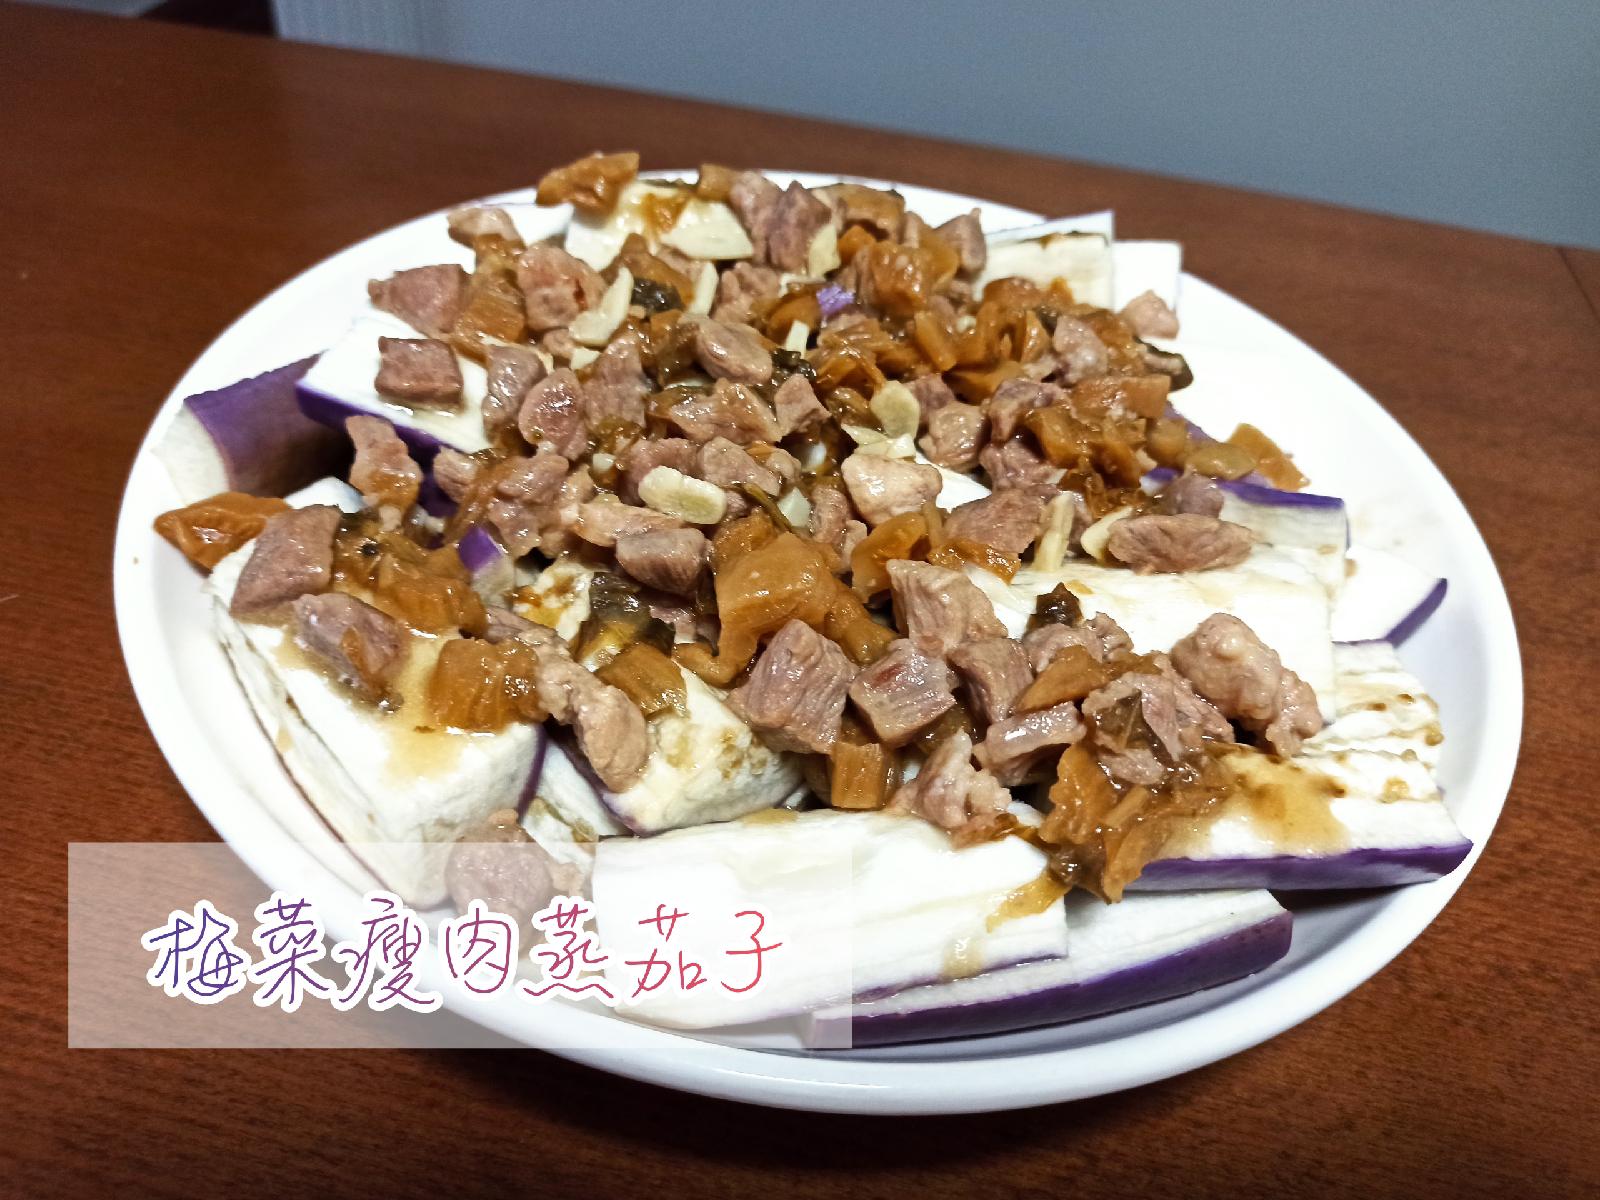 簡單梅菜瘦肉蒸茄子!一招令梅菜更好食!